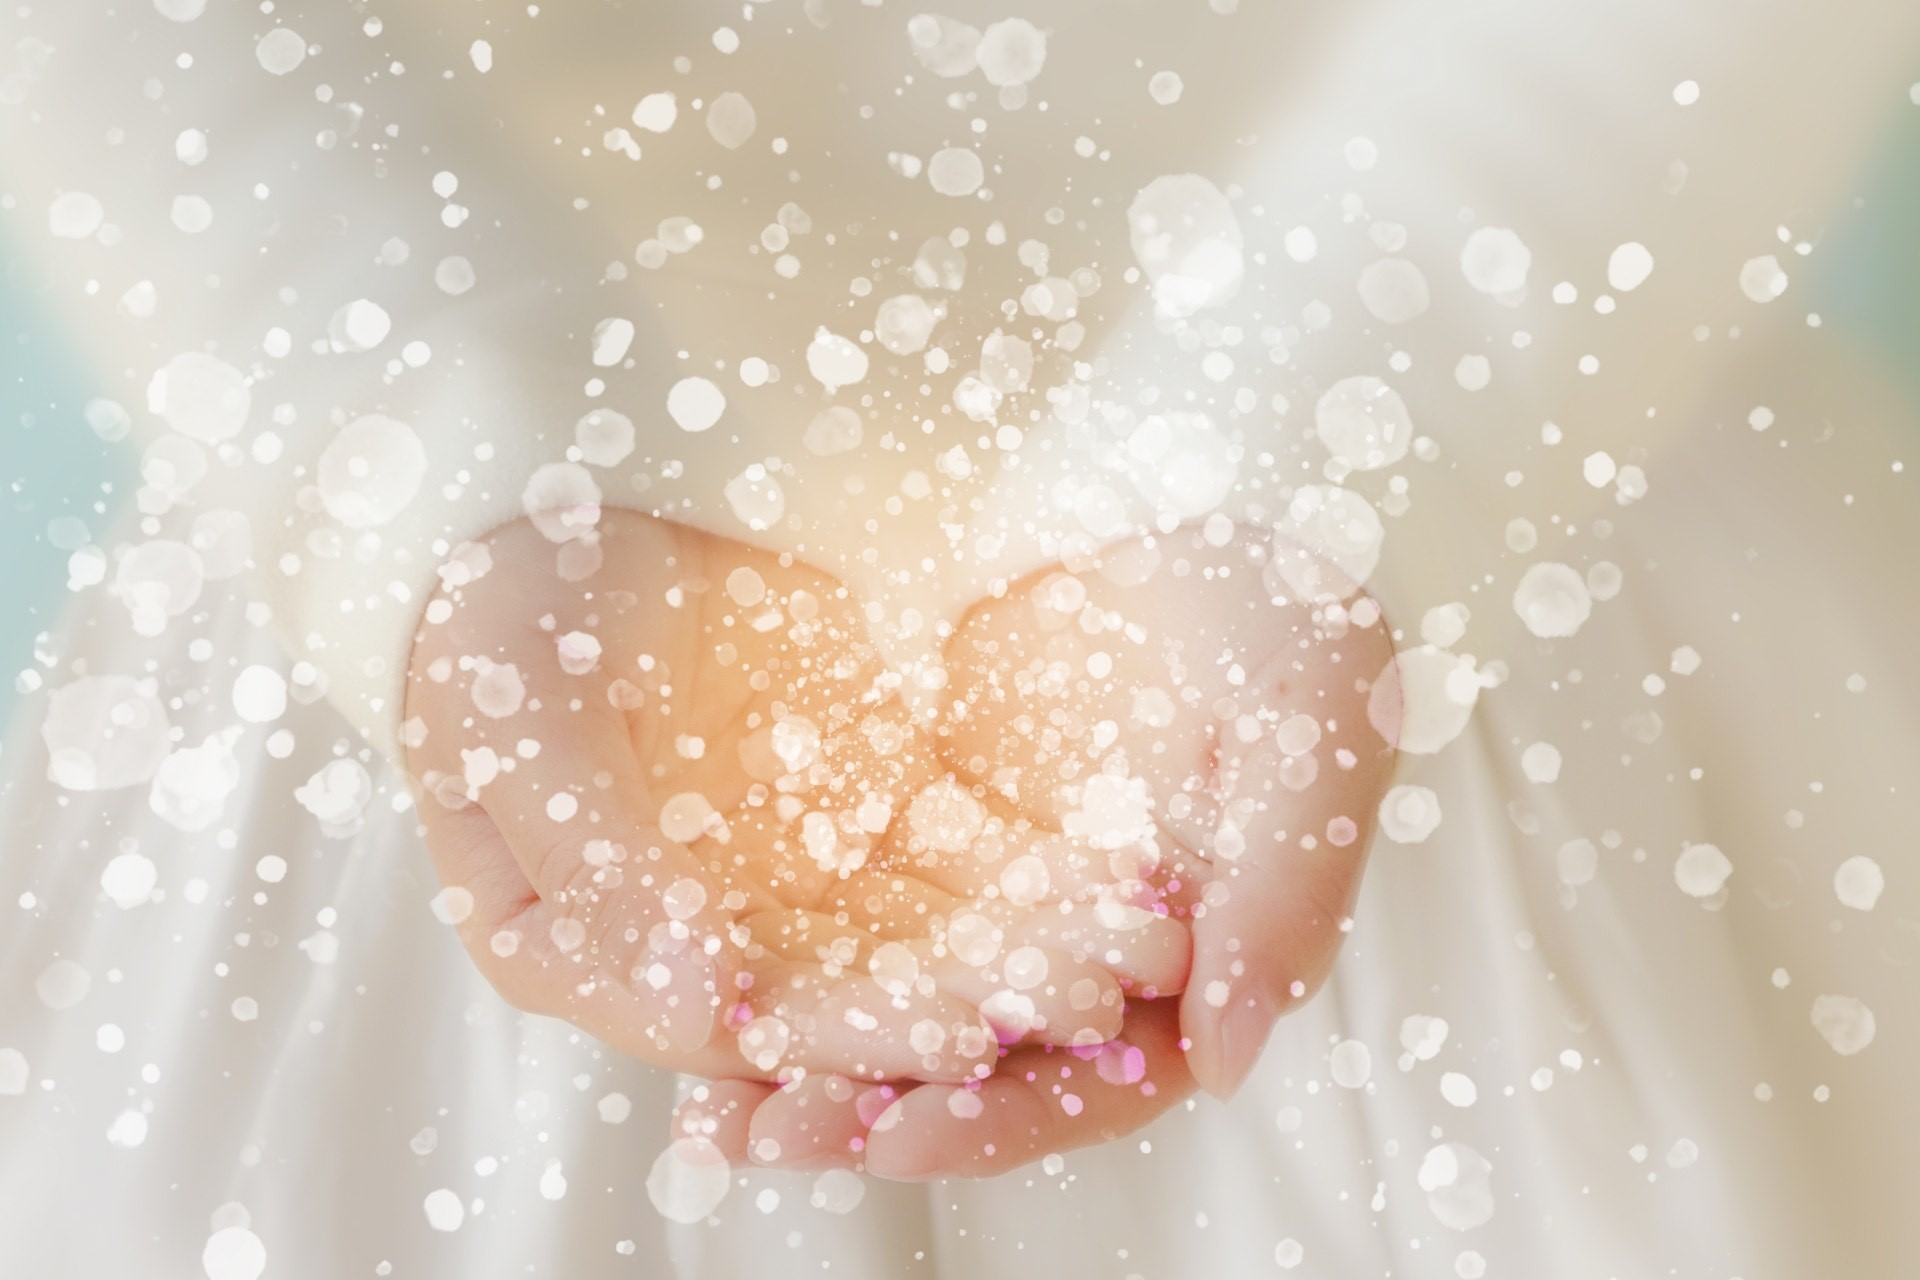 【三木校】通期:美と健康を手に入れる養生気功教室 21/03/18~21/05/5/20